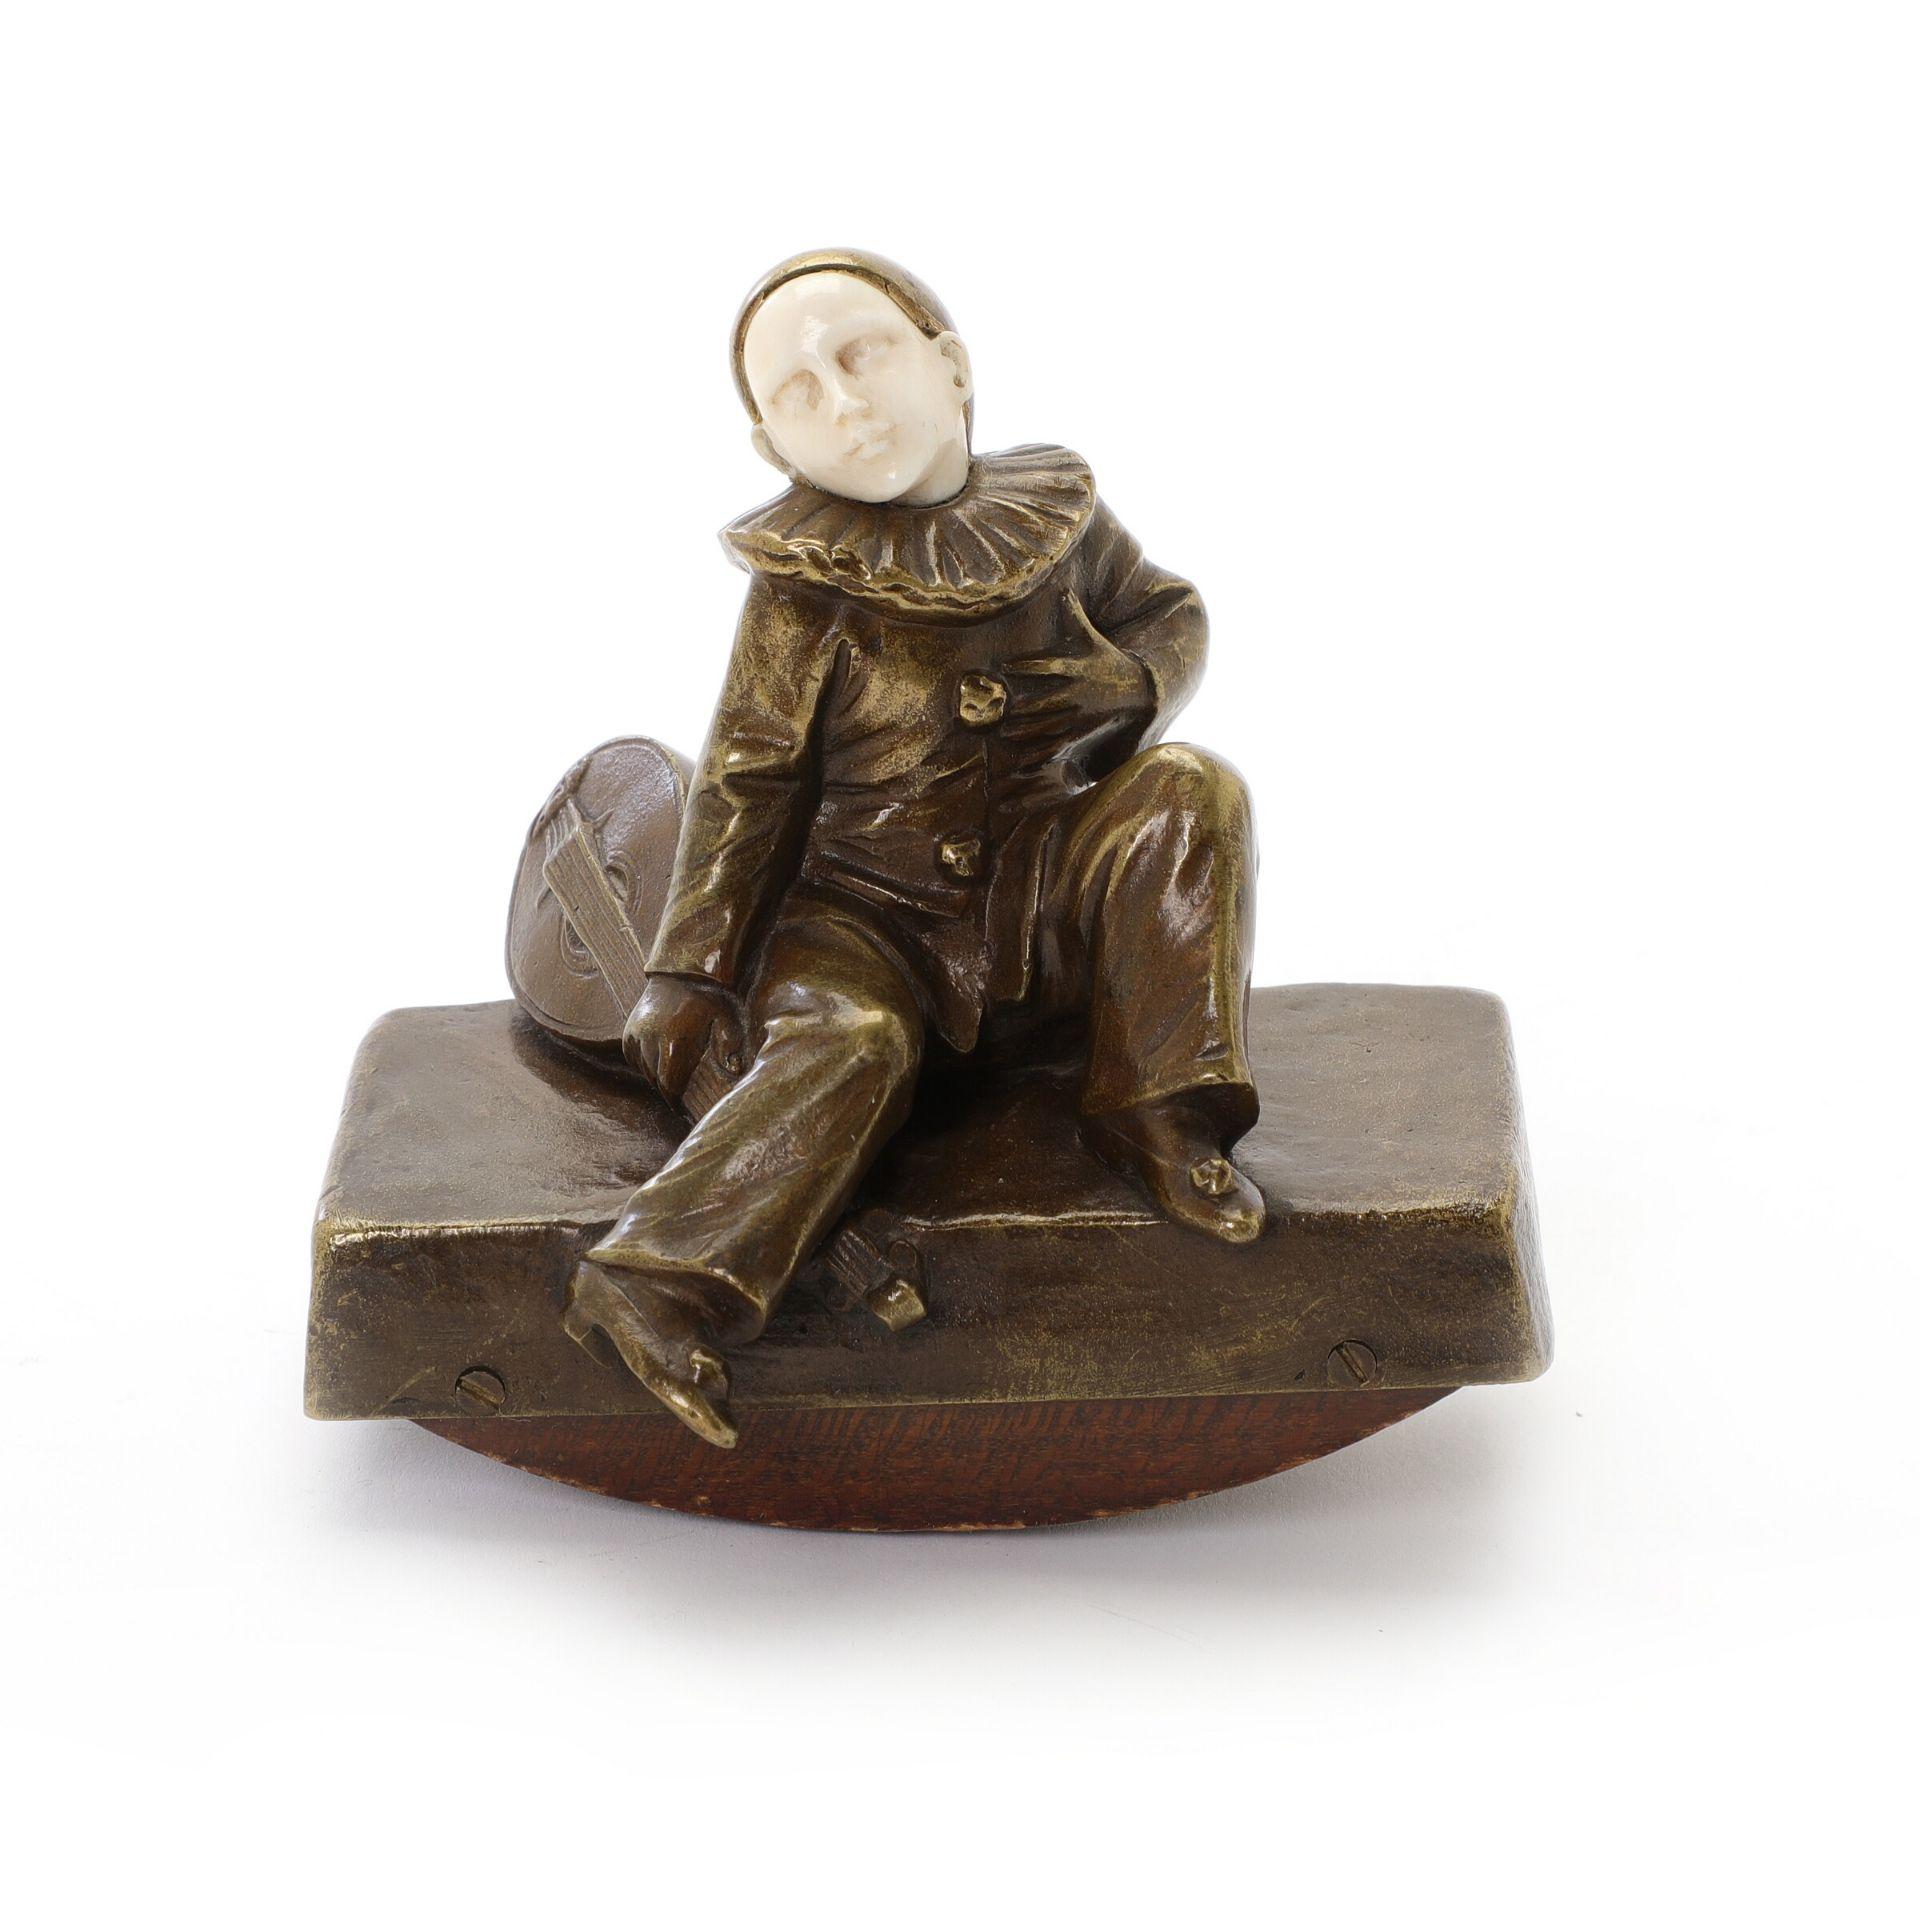 Peter Tereszczuk: Pierrot. Signiert P. Tereszczuk. Bronze und Elfenbein. H. 10.5 cm B. 10.5 cm. - Bild 2 aus 4